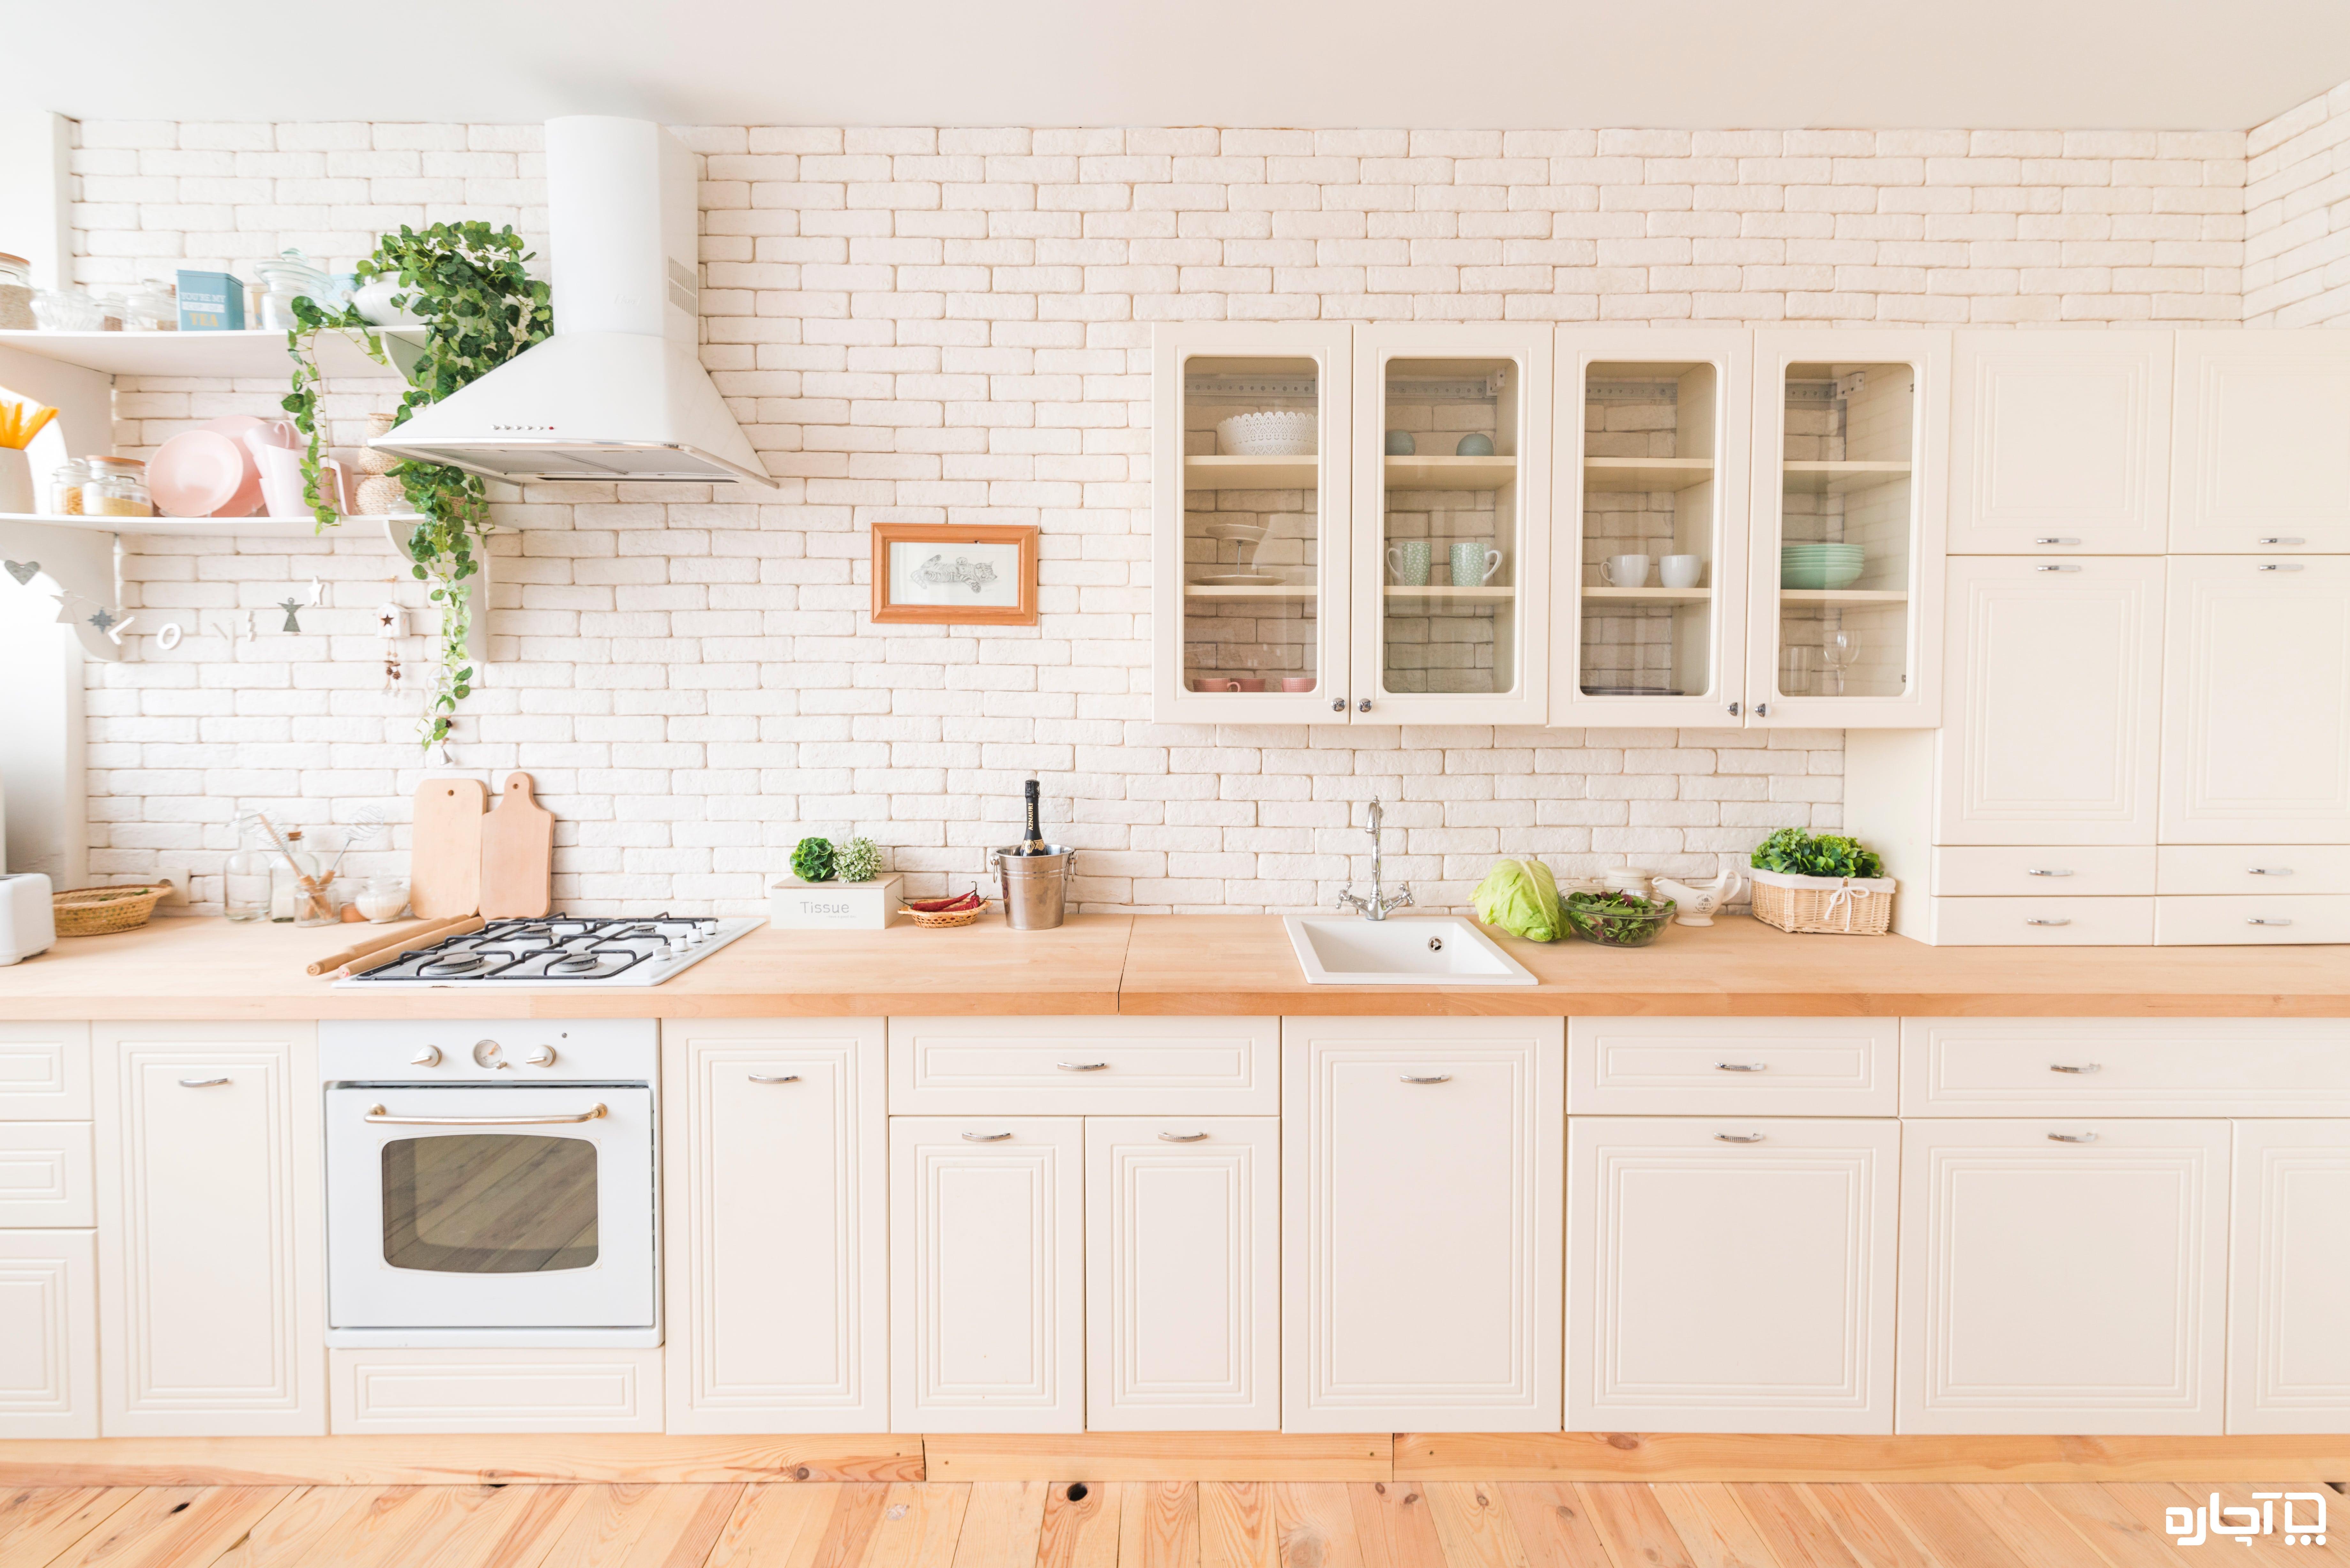 طراحی کابینت آشپزخانه - لیست قیمت و هزینه ساخت آن